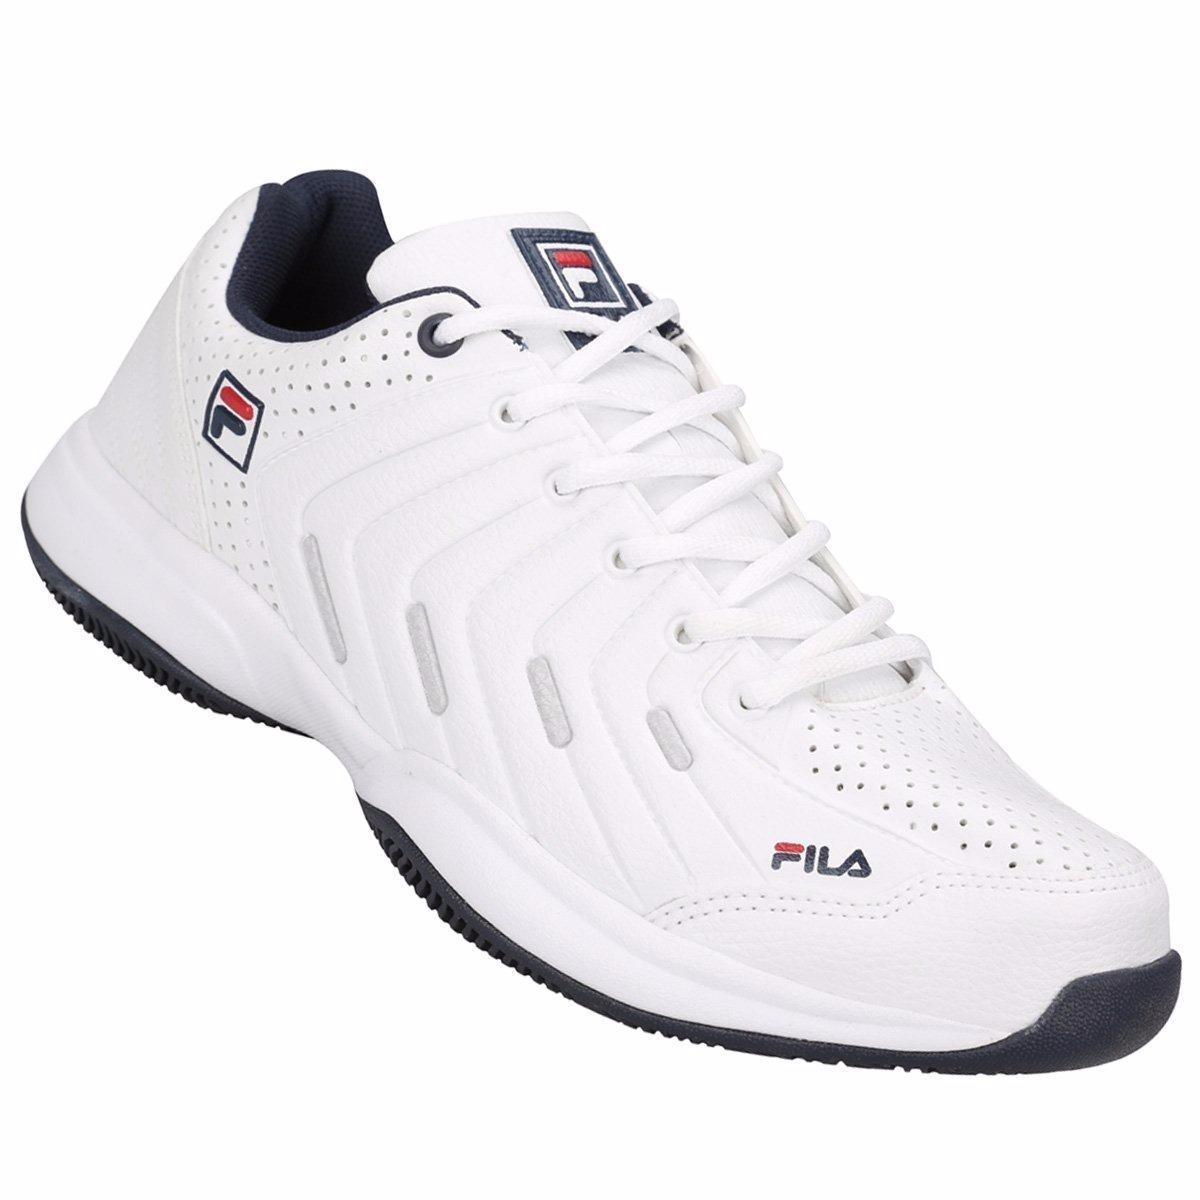 f4bc1c48c1 zapatillas tenis fila lugano 5.0 hombre oferta todo deportes. Cargando zoom.